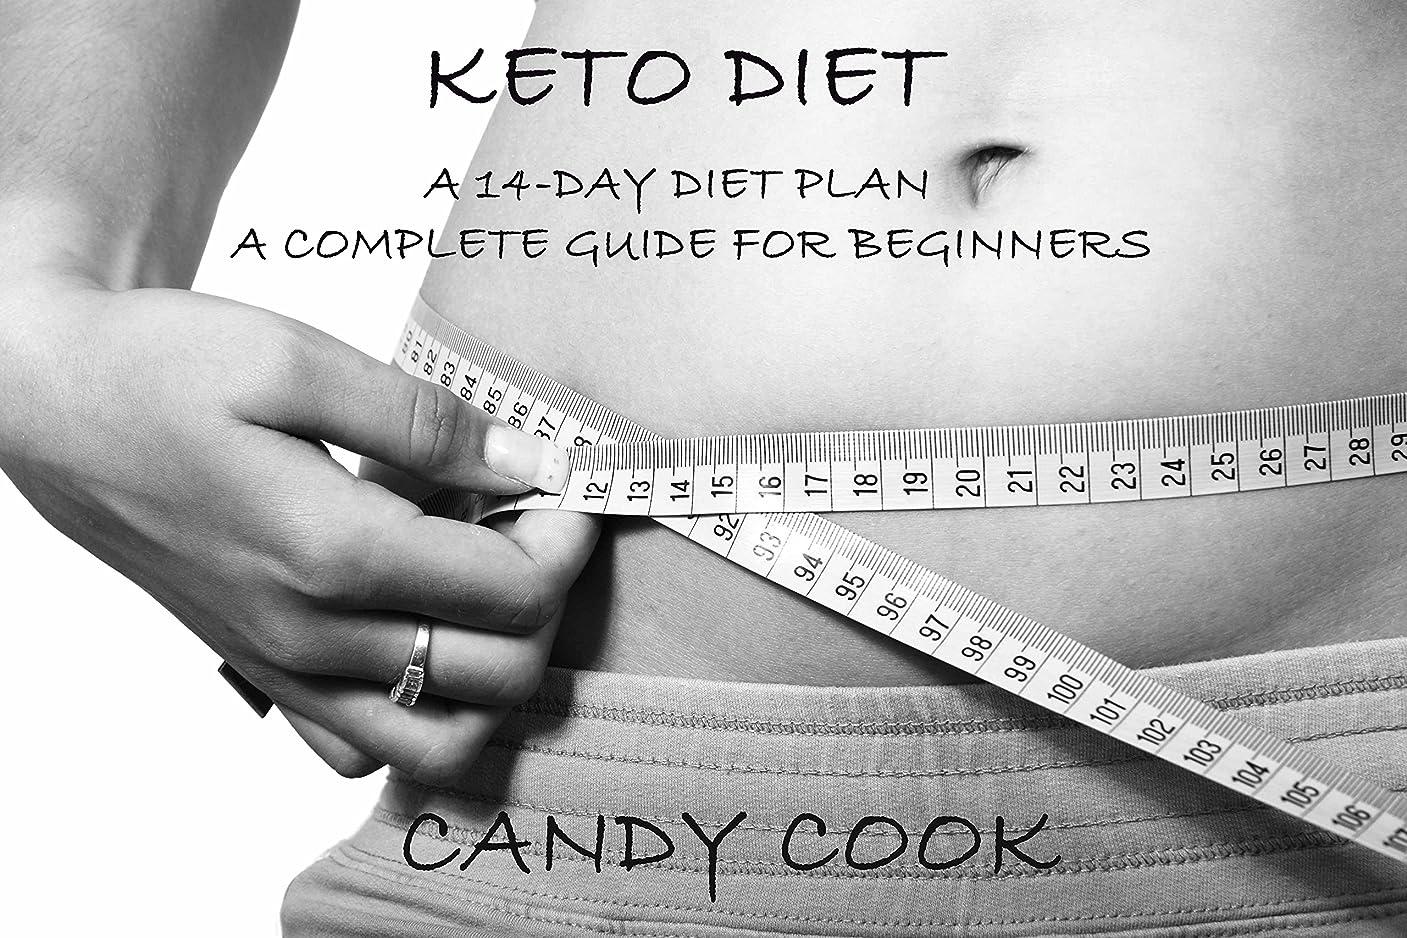 インストラクターパリティリズミカルなKeto diet: A 14-Day Diet Plan - A Complete Guide for Beginners: A Low Carb, Fat Burning, High Fat Diet for Weight Loss and Healthy Living (Reboot Metabolism, ... Reset Metabolism) (English Edition)